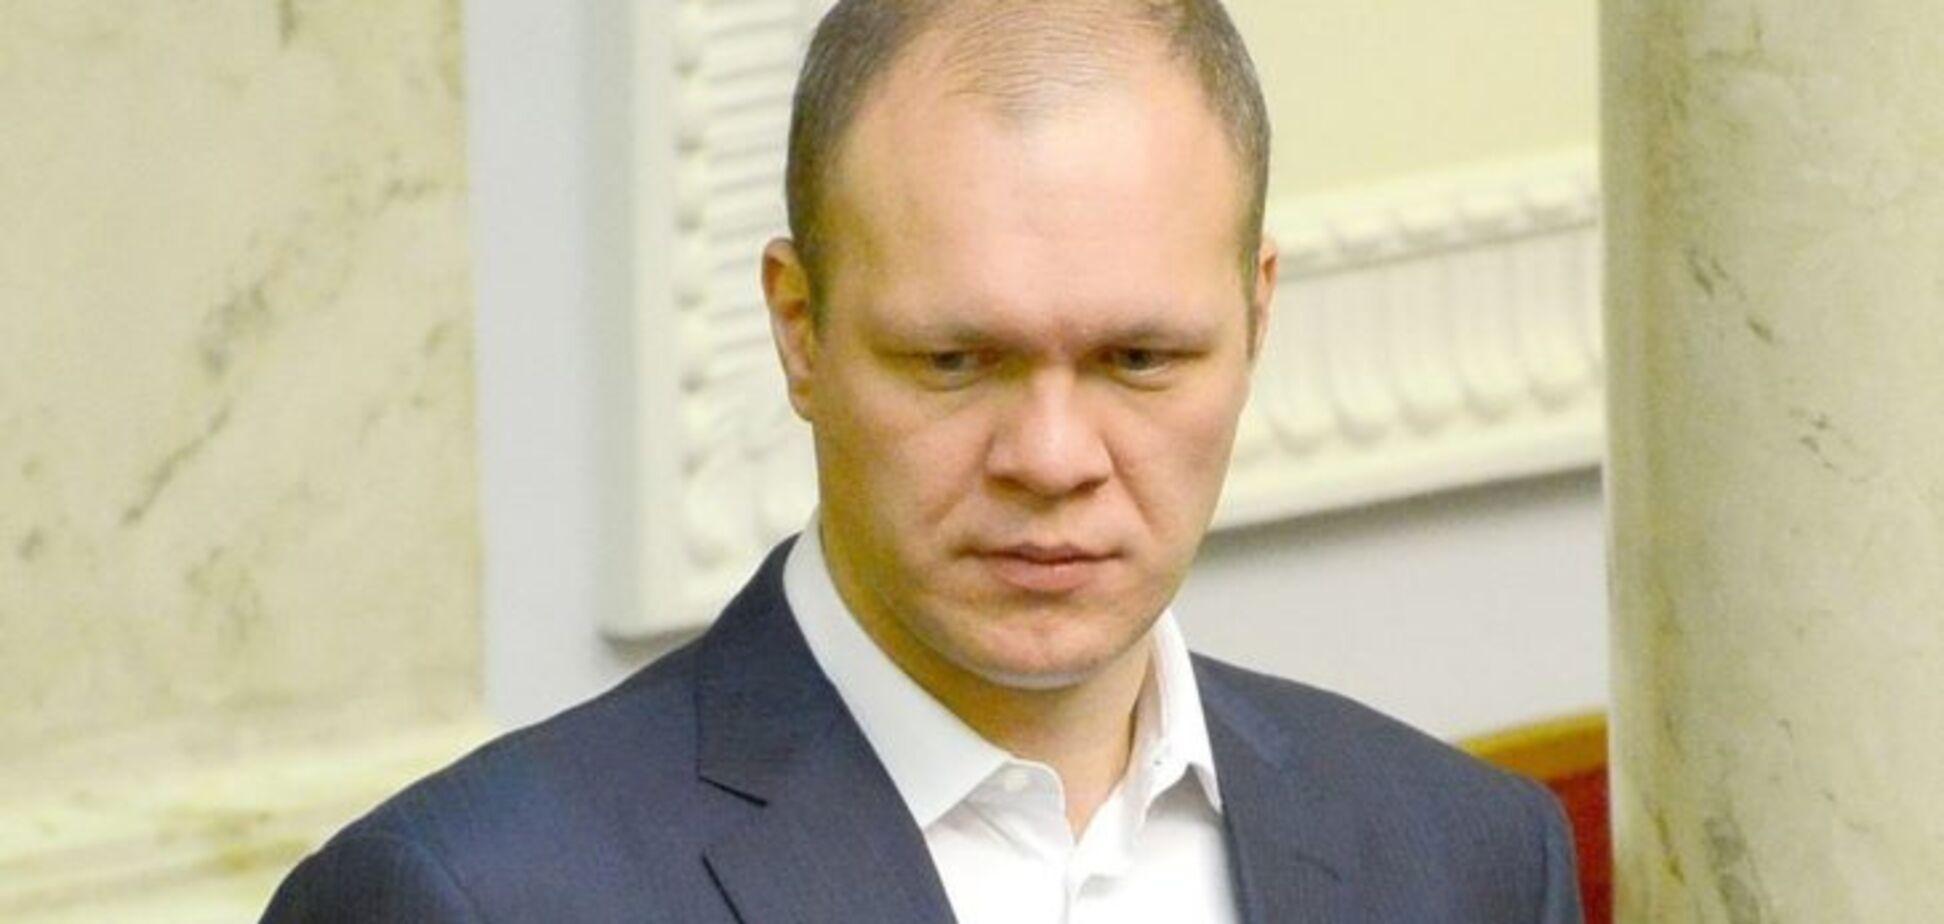 Згорнули справу: в САП виправдалися з приводу депутата 'Народного фронту'